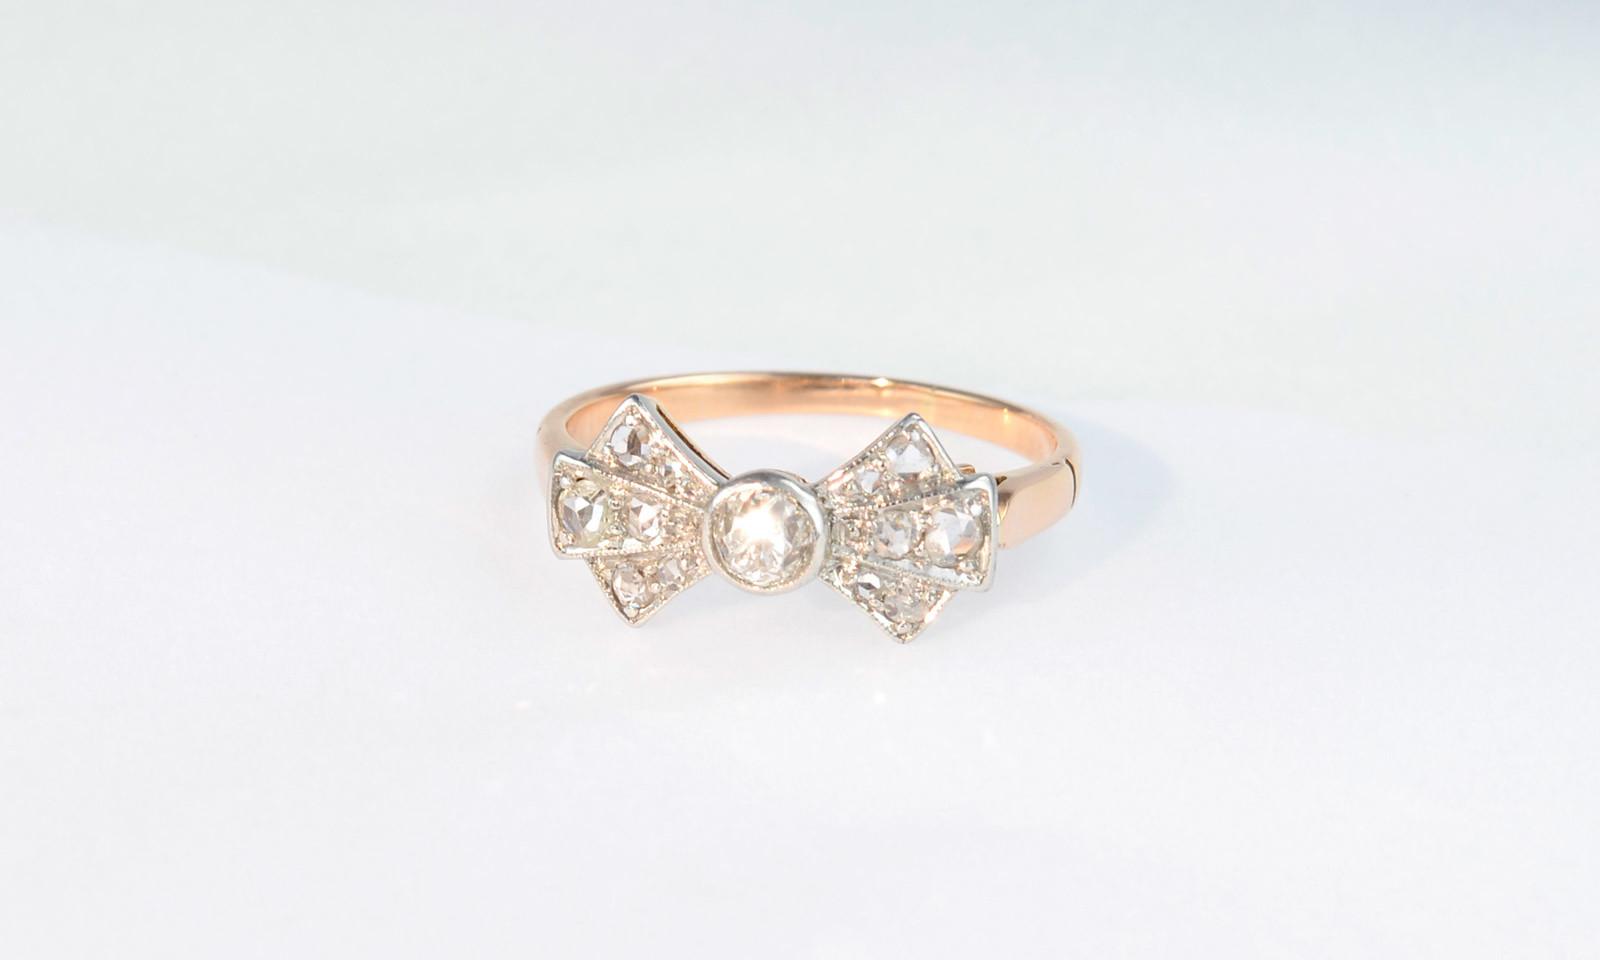 Ring Schleife Antik. Ring Art Déco, Platin auf Rotgold 583, Russland um 1930, mit Altschliff-Diamant 3.9 mm und 12 Diamanten im Rosenschliff, CHF 1950.-